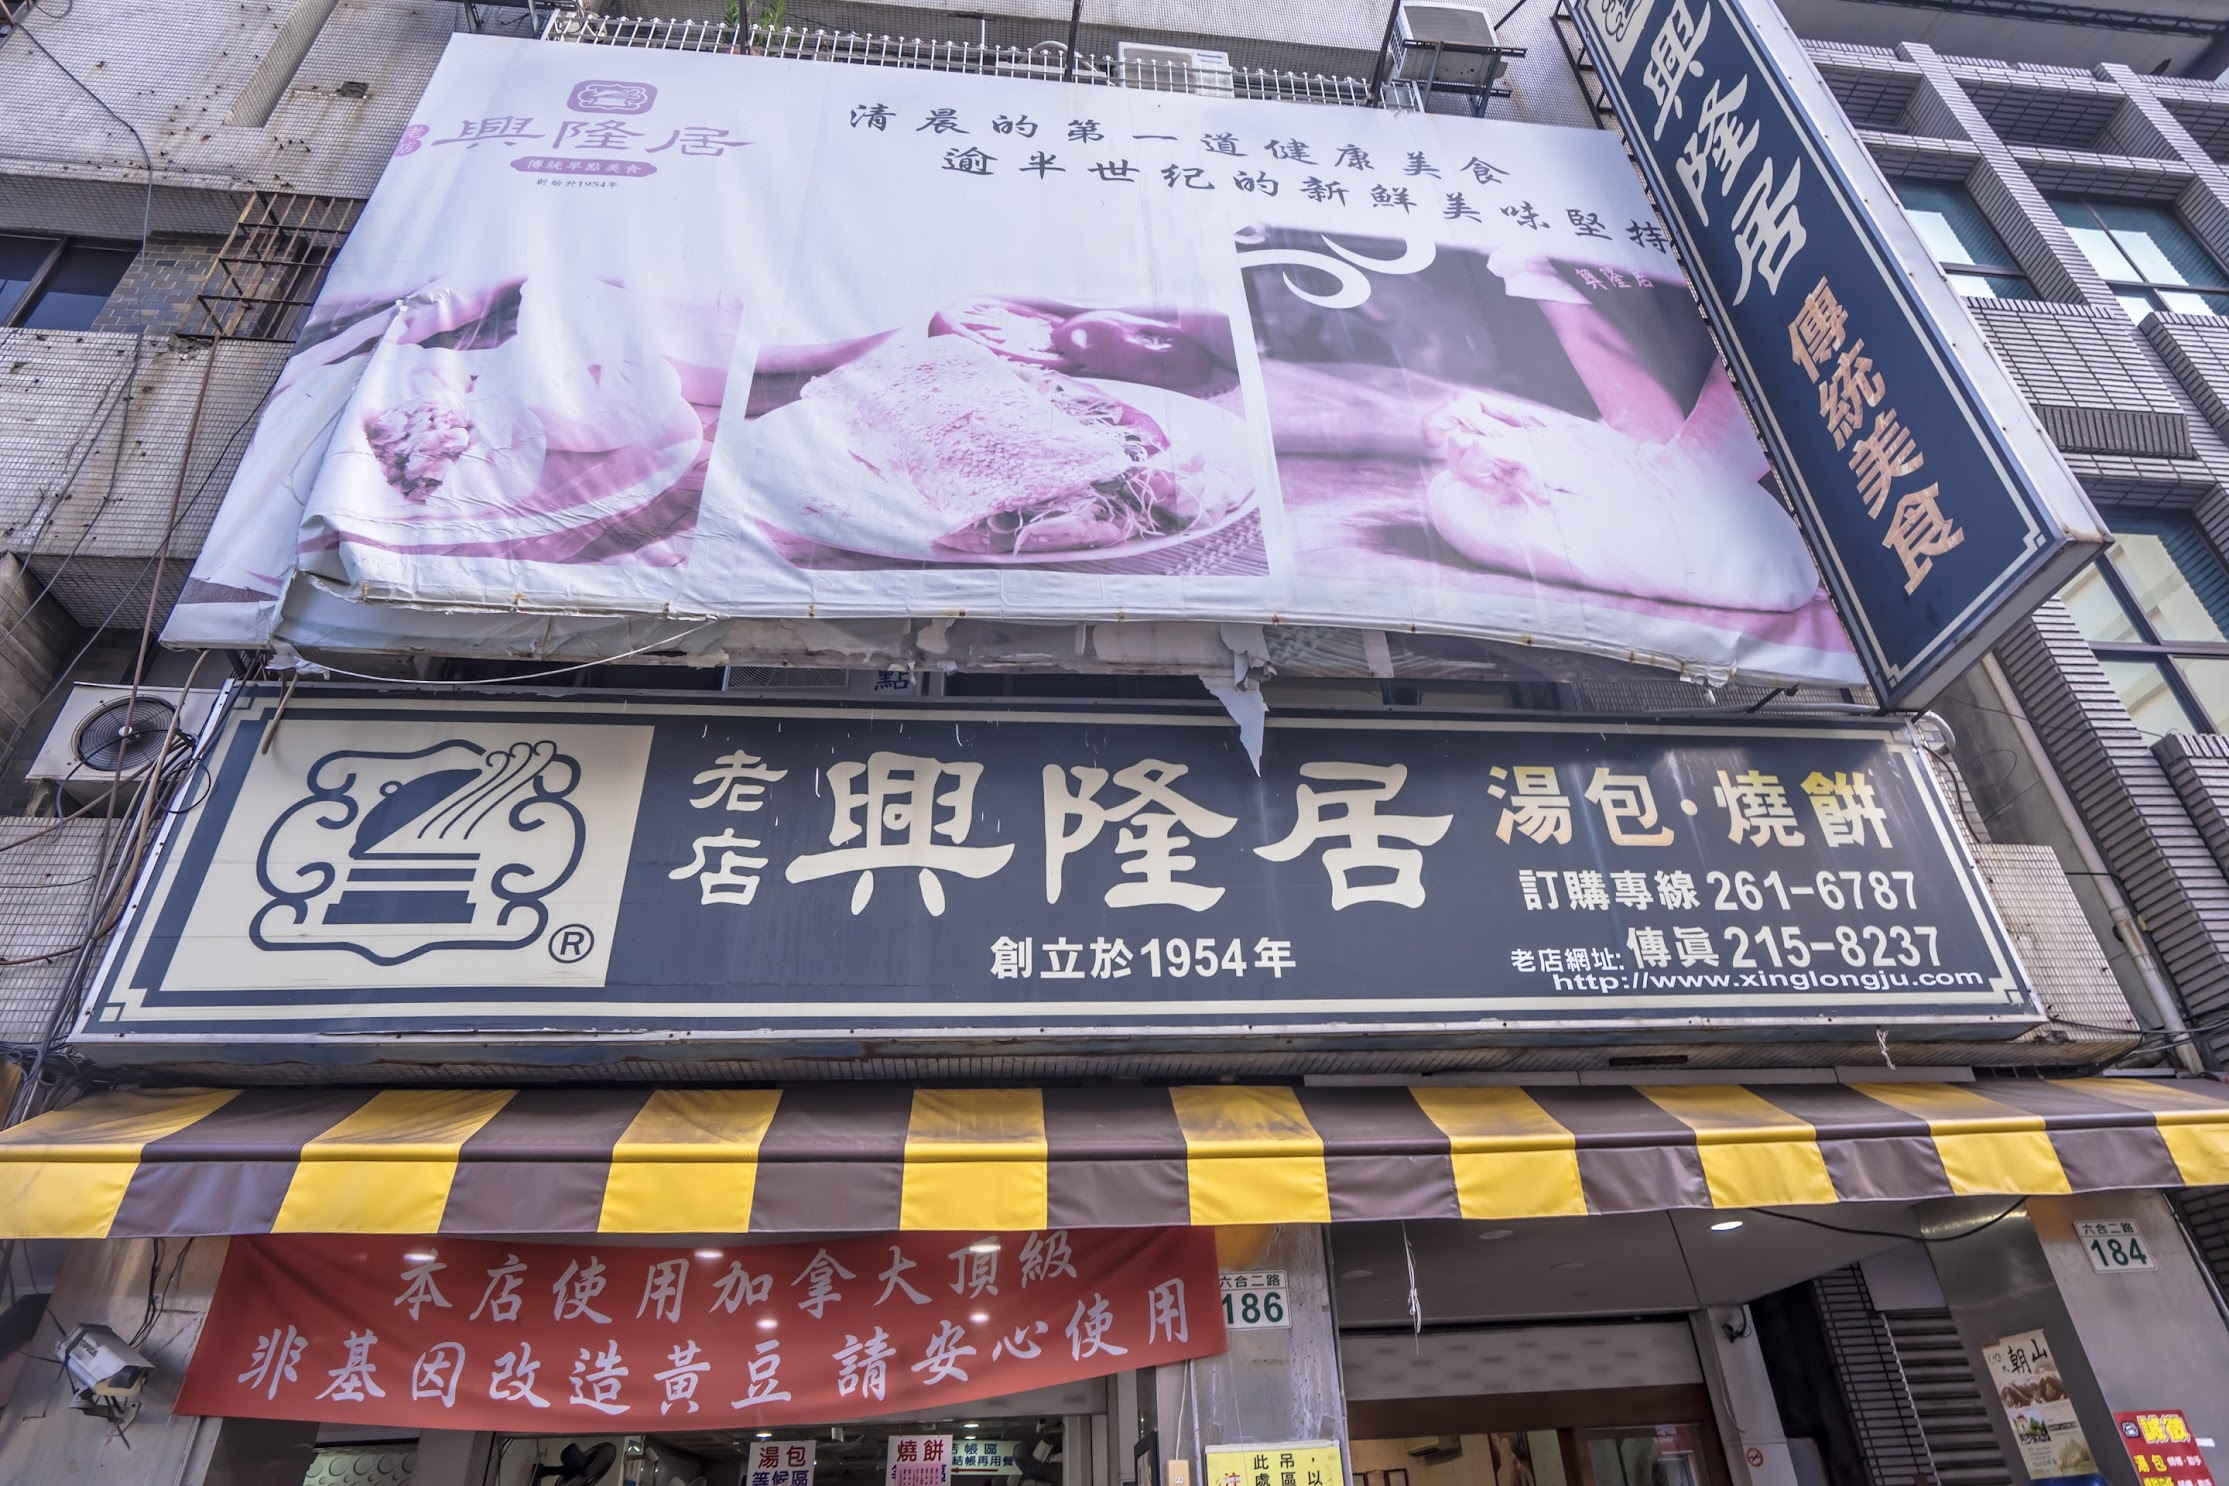 Kaohsiung Xing Long Ju1